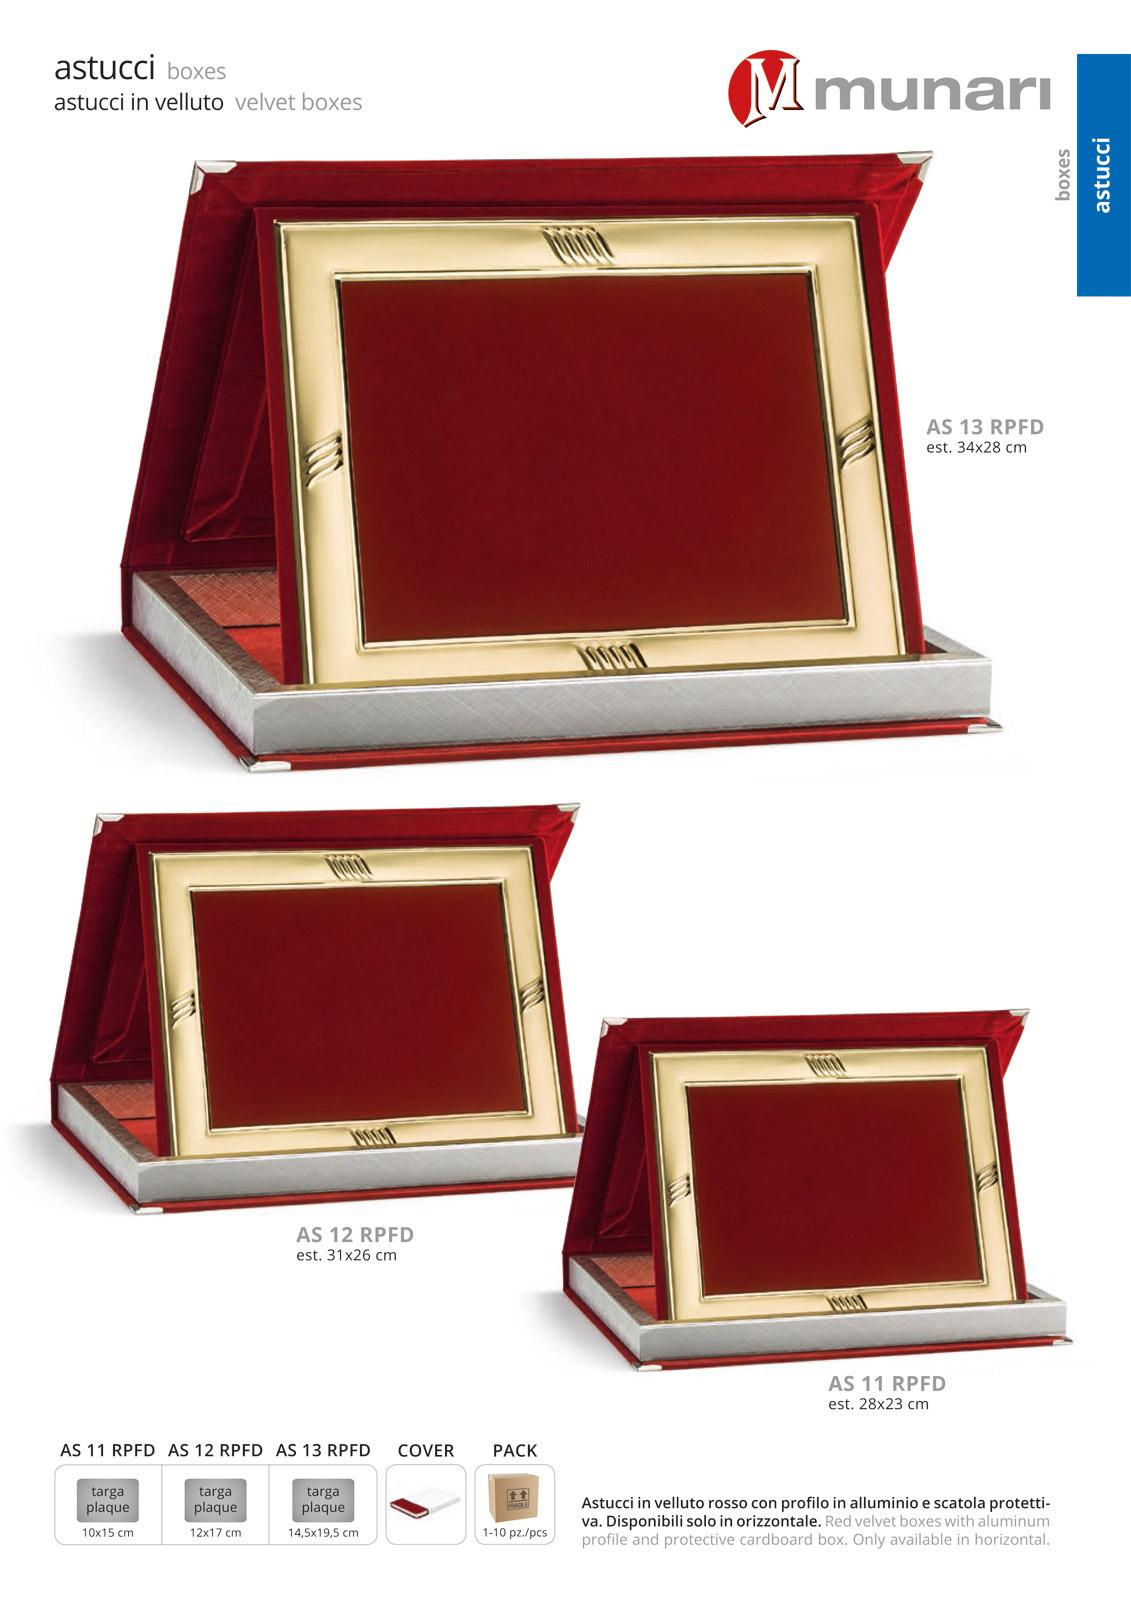 Astucci in velluto rosso e profilo per targhe serie AS 10RPFD